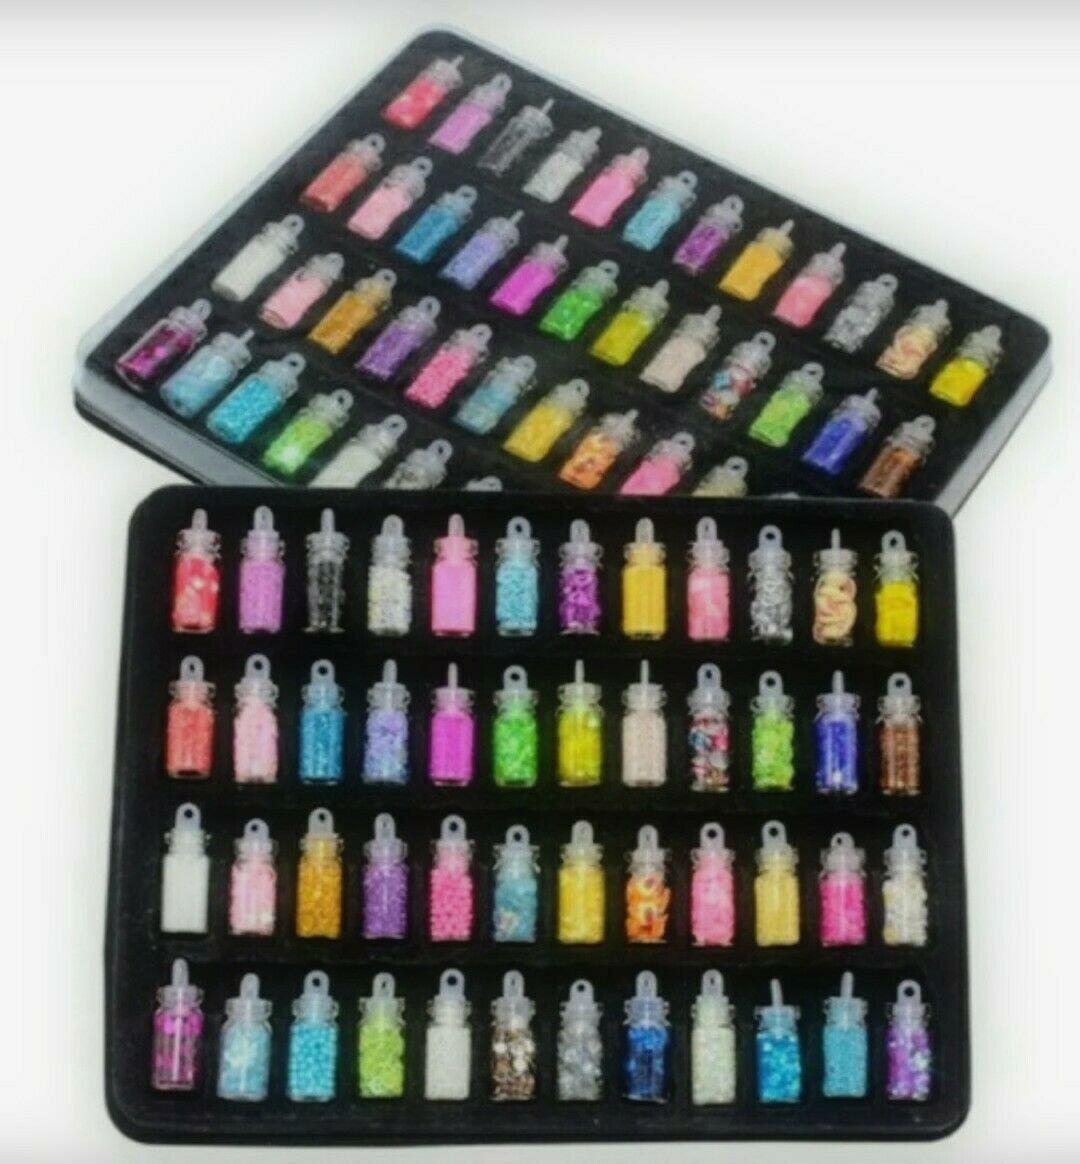 48pc Nail Art Set Personal, Proffesional, Nail Salon